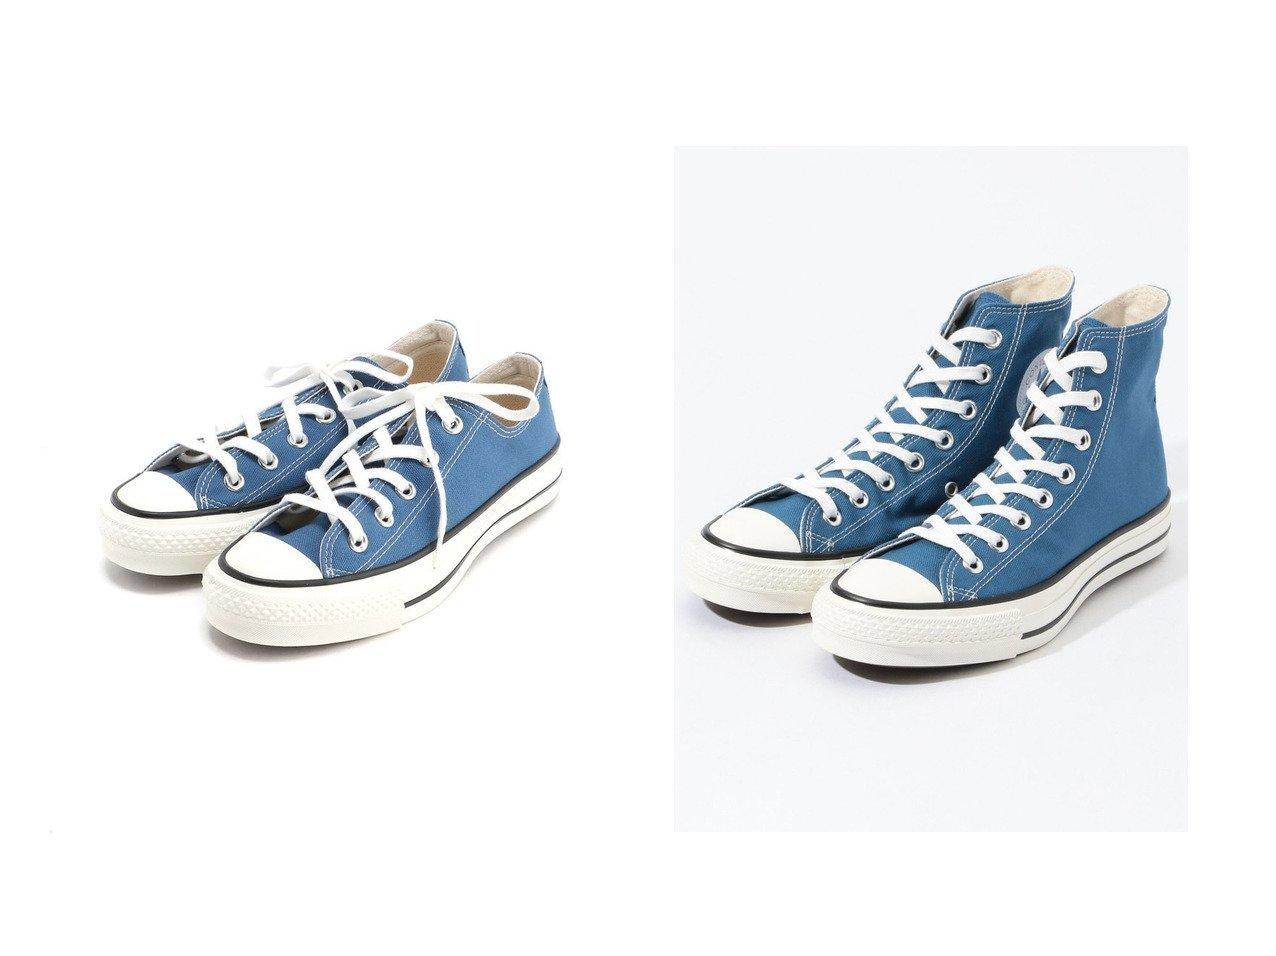 【CONVERSE/コンバース】のCANVAS ALL STAR J OX&【TOMORROWLAND GOODs/トゥモローランド グッズ】のCONVERSE CANVAS ALL STAR J HI ハイカットスニーカー 【シューズ・靴】おすすめ!人気、トレンド・レディースファッションの通販 おすすめで人気の流行・トレンド、ファッションの通販商品 メンズファッション・キッズファッション・インテリア・家具・レディースファッション・服の通販 founy(ファニー) https://founy.com/ ファッション Fashion レディースファッション WOMEN インソール キャンバス シューズ スニーカー スリッポン 人気 ベーシック 2021年 2021 S/S・春夏 SS・Spring/Summer 2021春夏・S/S SS/Spring/Summer/2021 NEW・新作・新着・新入荷 New Arrivals 日本製 Made in Japan |ID:crp329100000028399